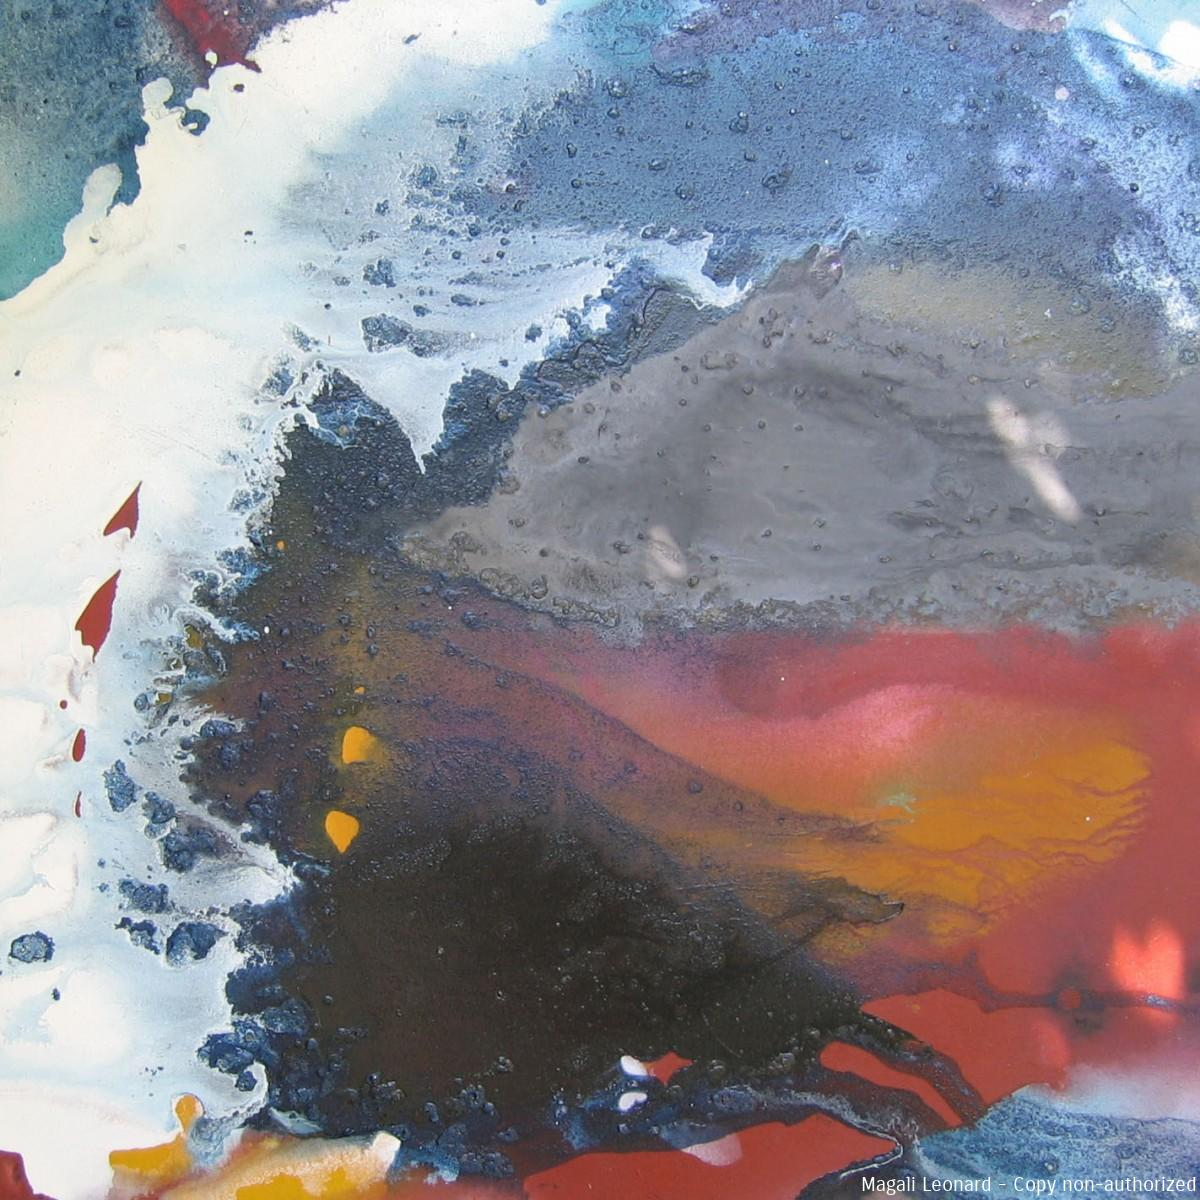 Cosmognoie 1, 2009, Acrylic on canvas, 31,49 X 31,49 inches, 80 X 80 cm copie